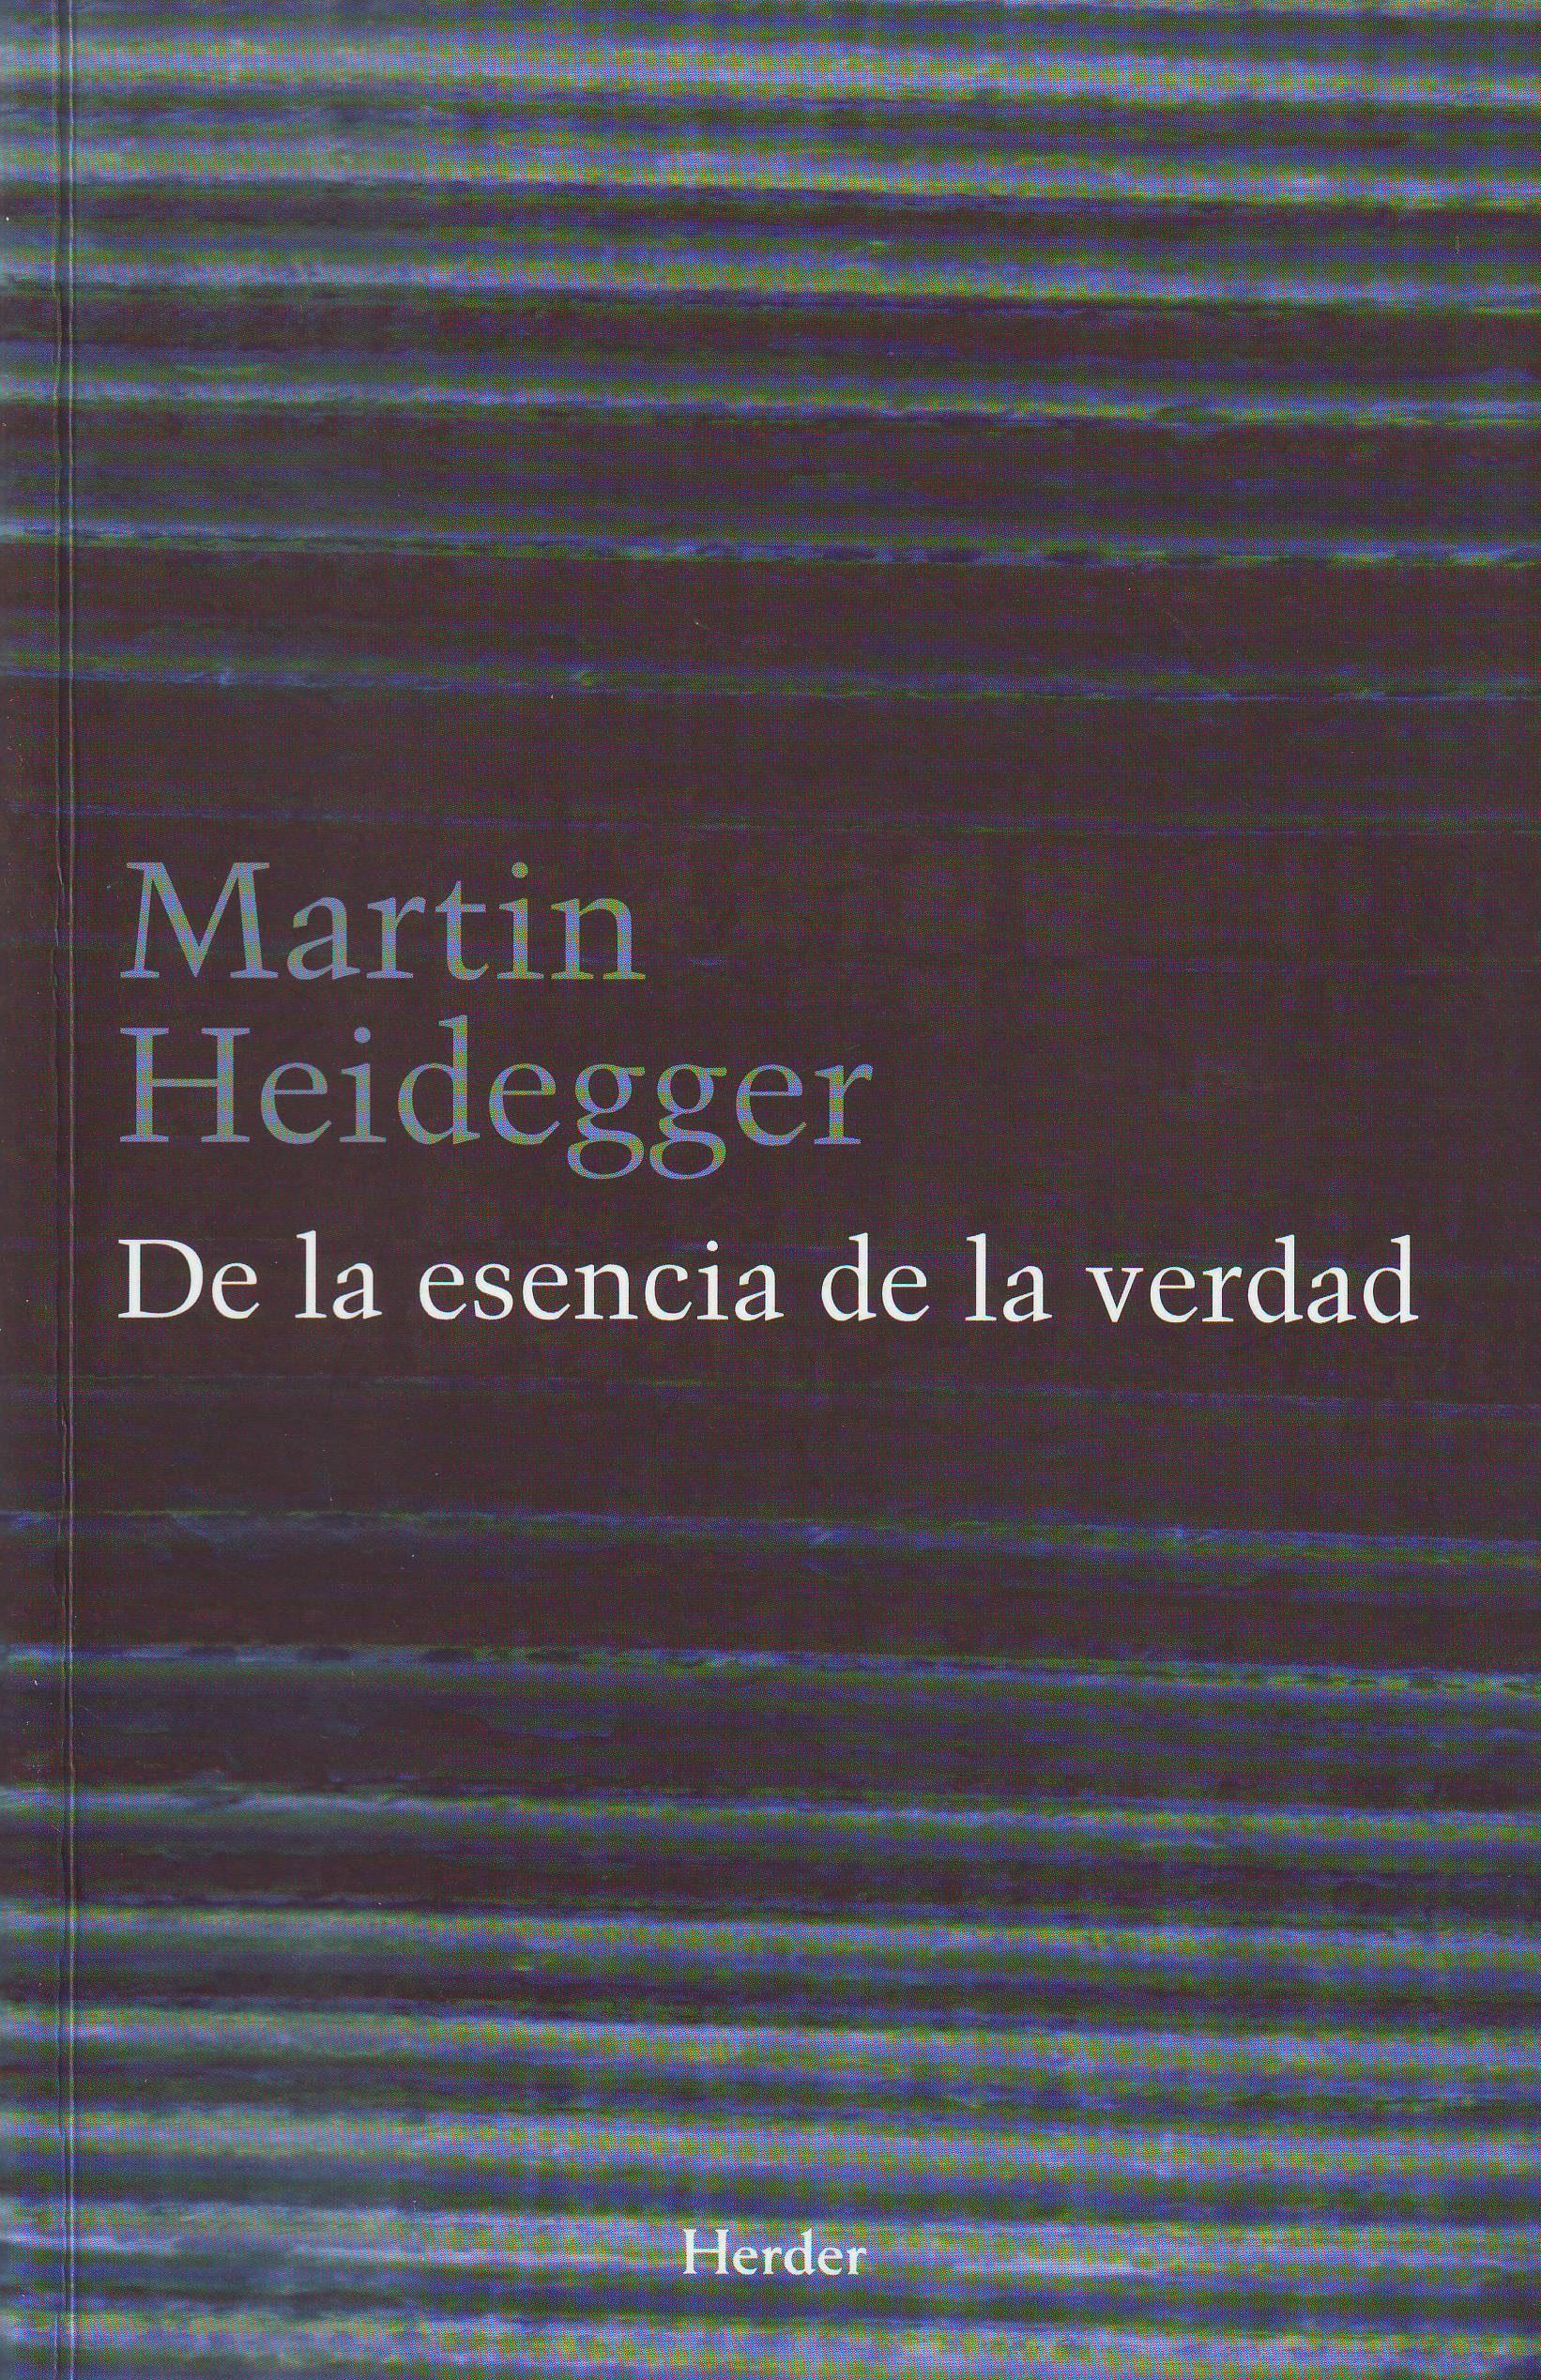 De La Esencia De La Verdad - Heidegger Martin